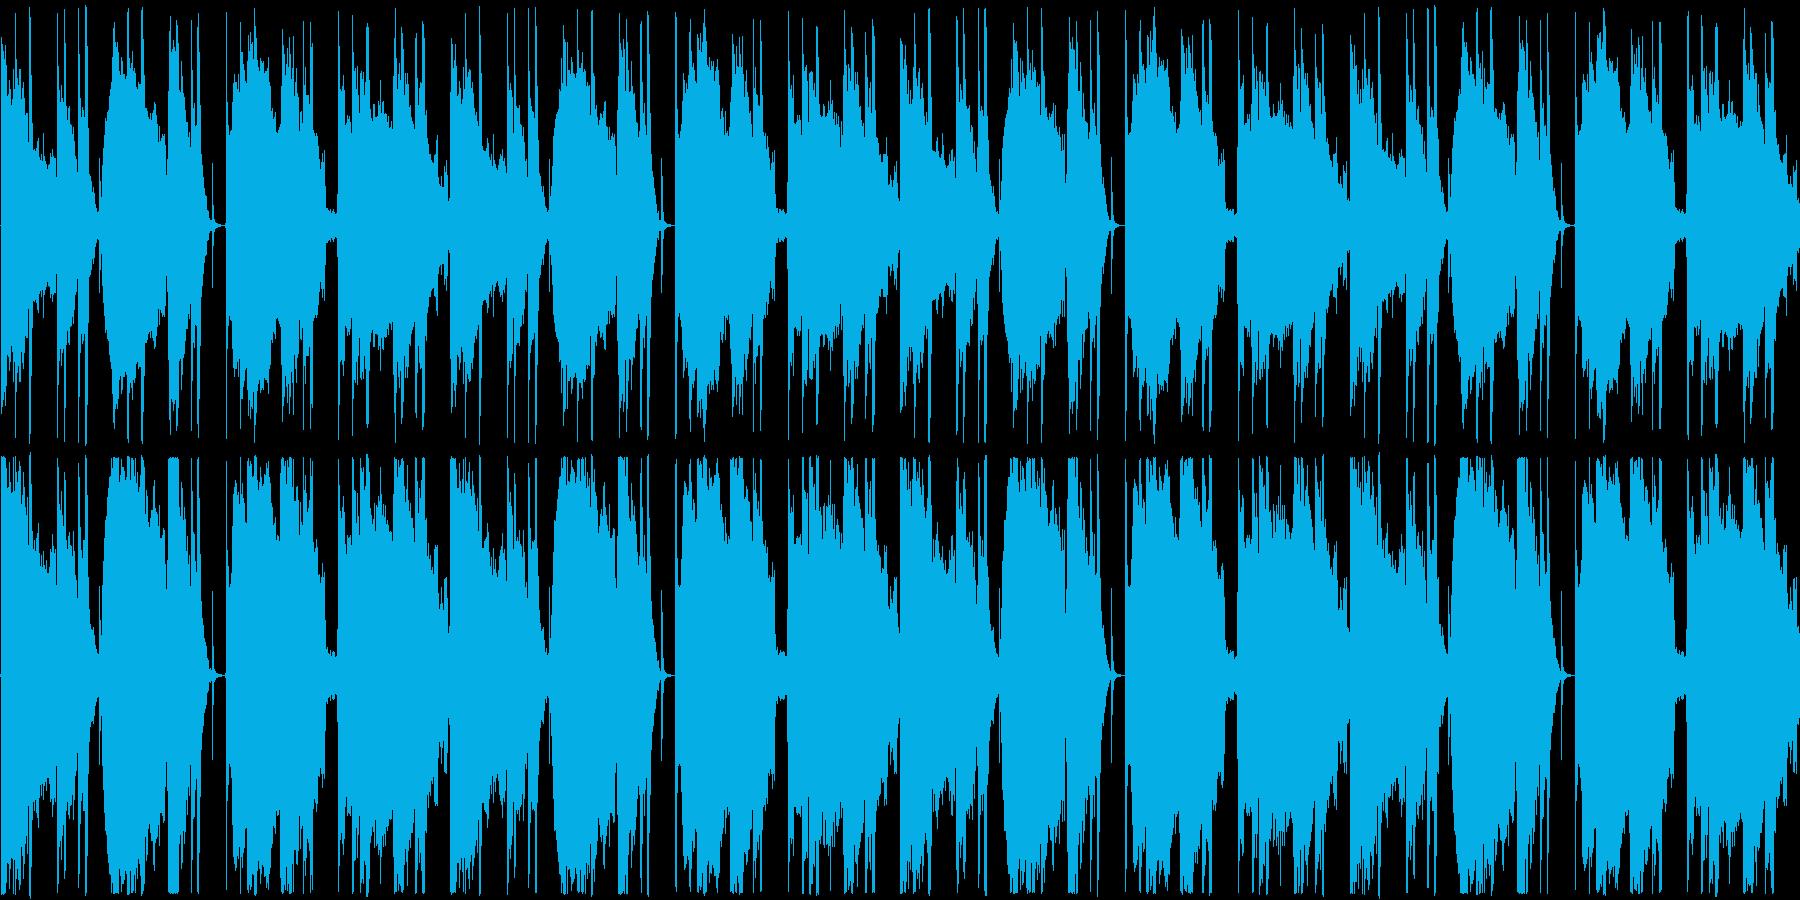 【休日/のんびり/ハワイアンポップ】の再生済みの波形